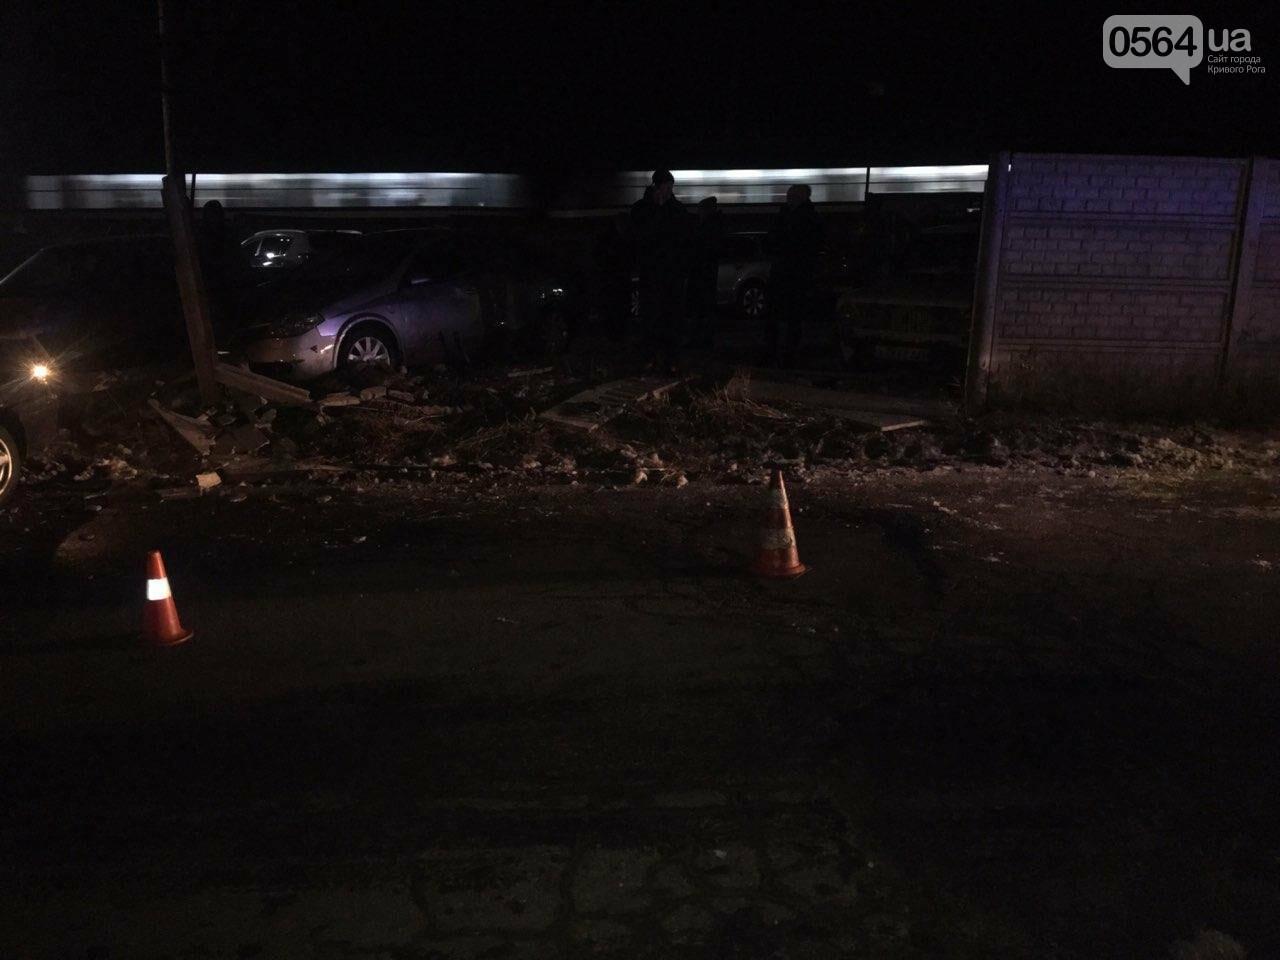 """В Кривом Роге """"BMW"""" снес забор стоянки: повреждено около 10 машин, есть пострадавший, - ФОТО , фото-29"""